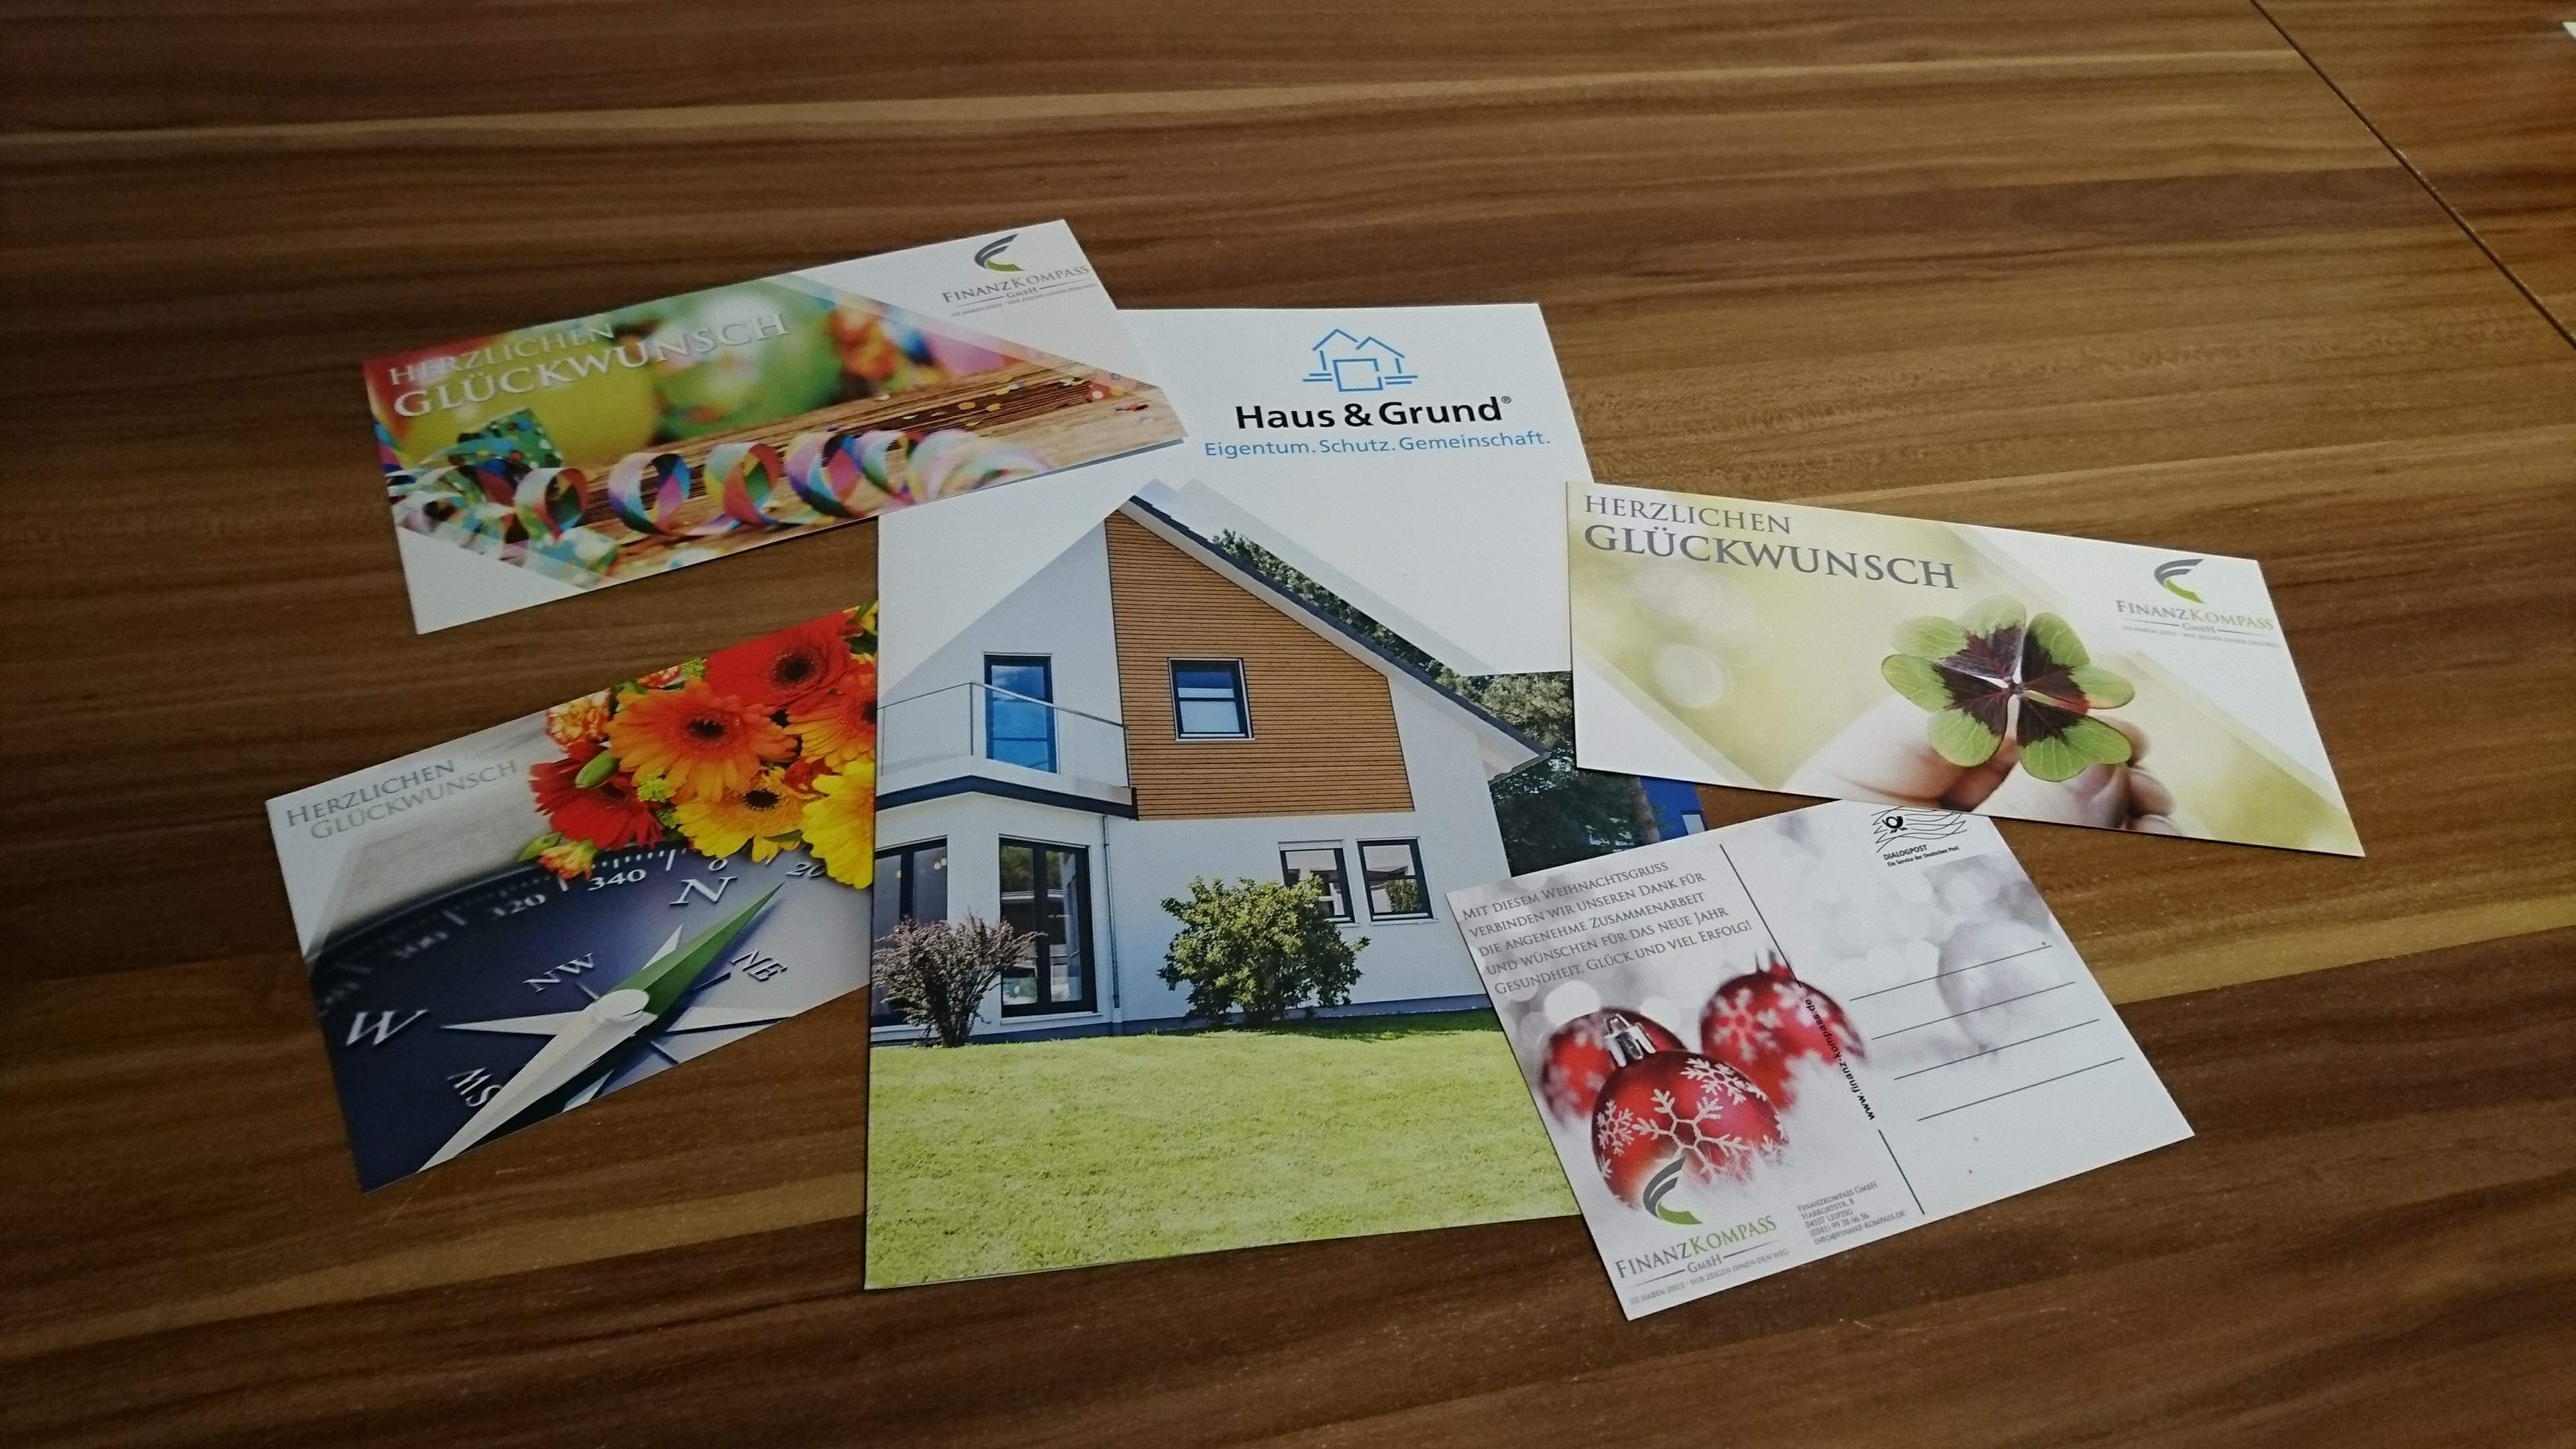 Finanz Kompass GmbH - Folder, Unternehmensbroschüre, Gestaltung Glückwunschkarten, Postkarten Design DIN A6